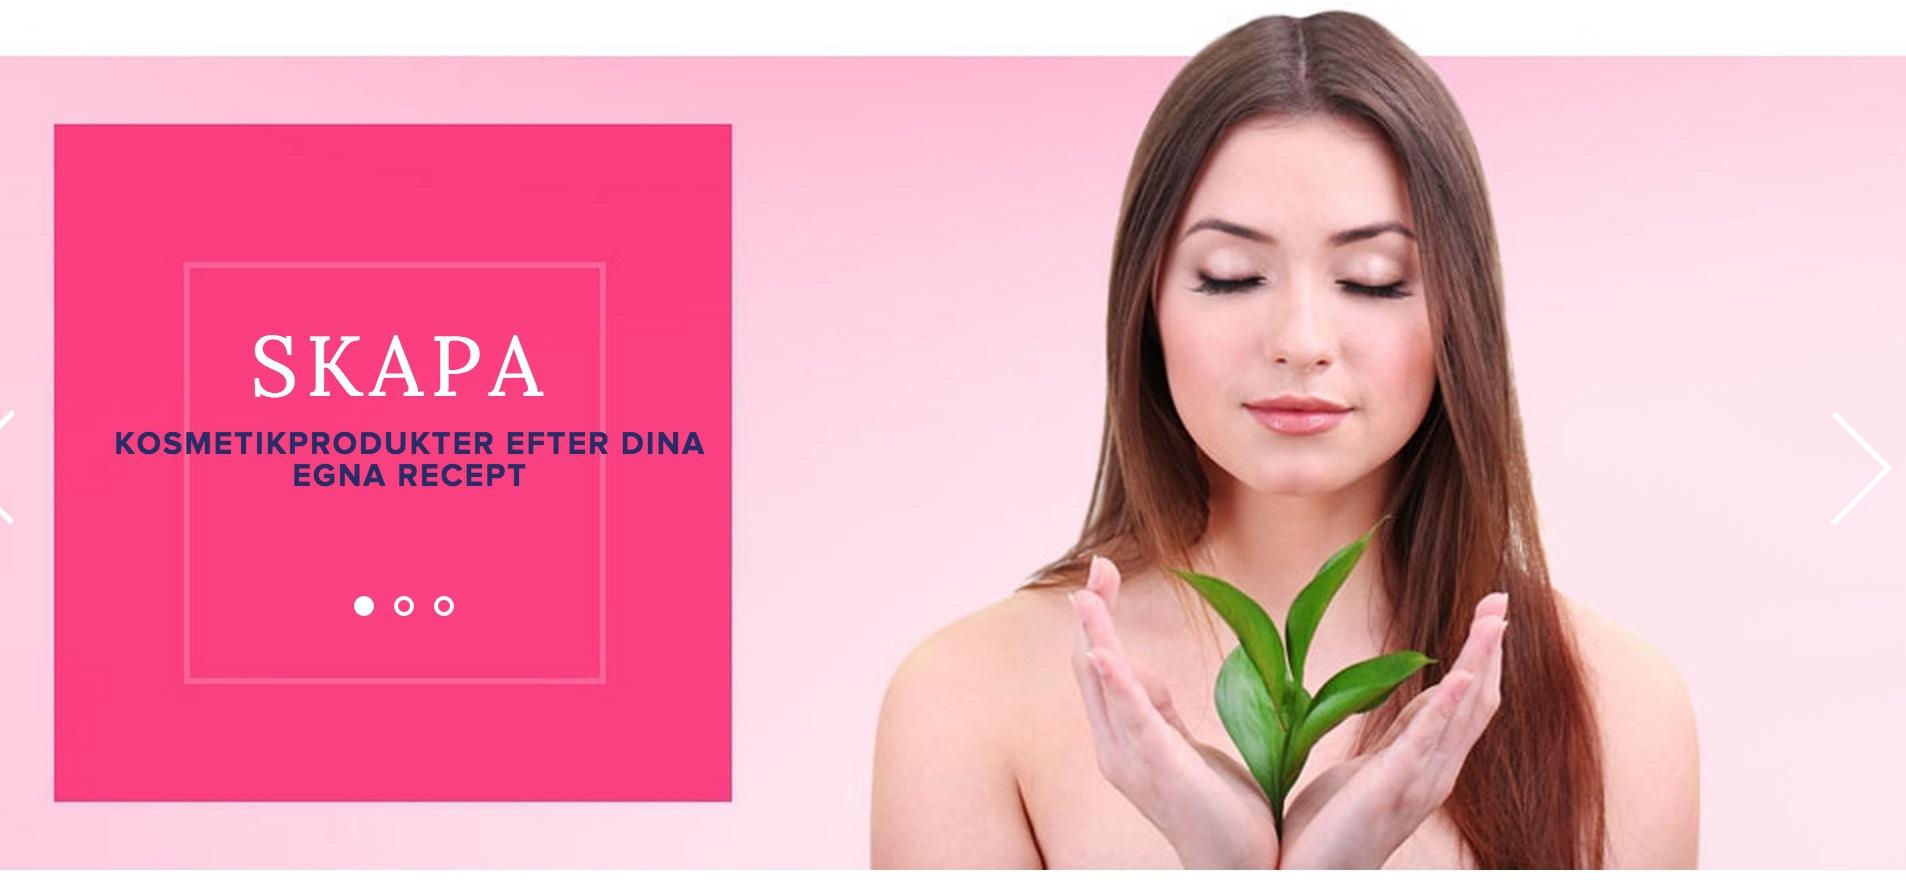 Mixnature är ett företag som hjälper dig att förverkliga dina egna recept när det kommer till hudvård. Utan konstiga ingredienser.